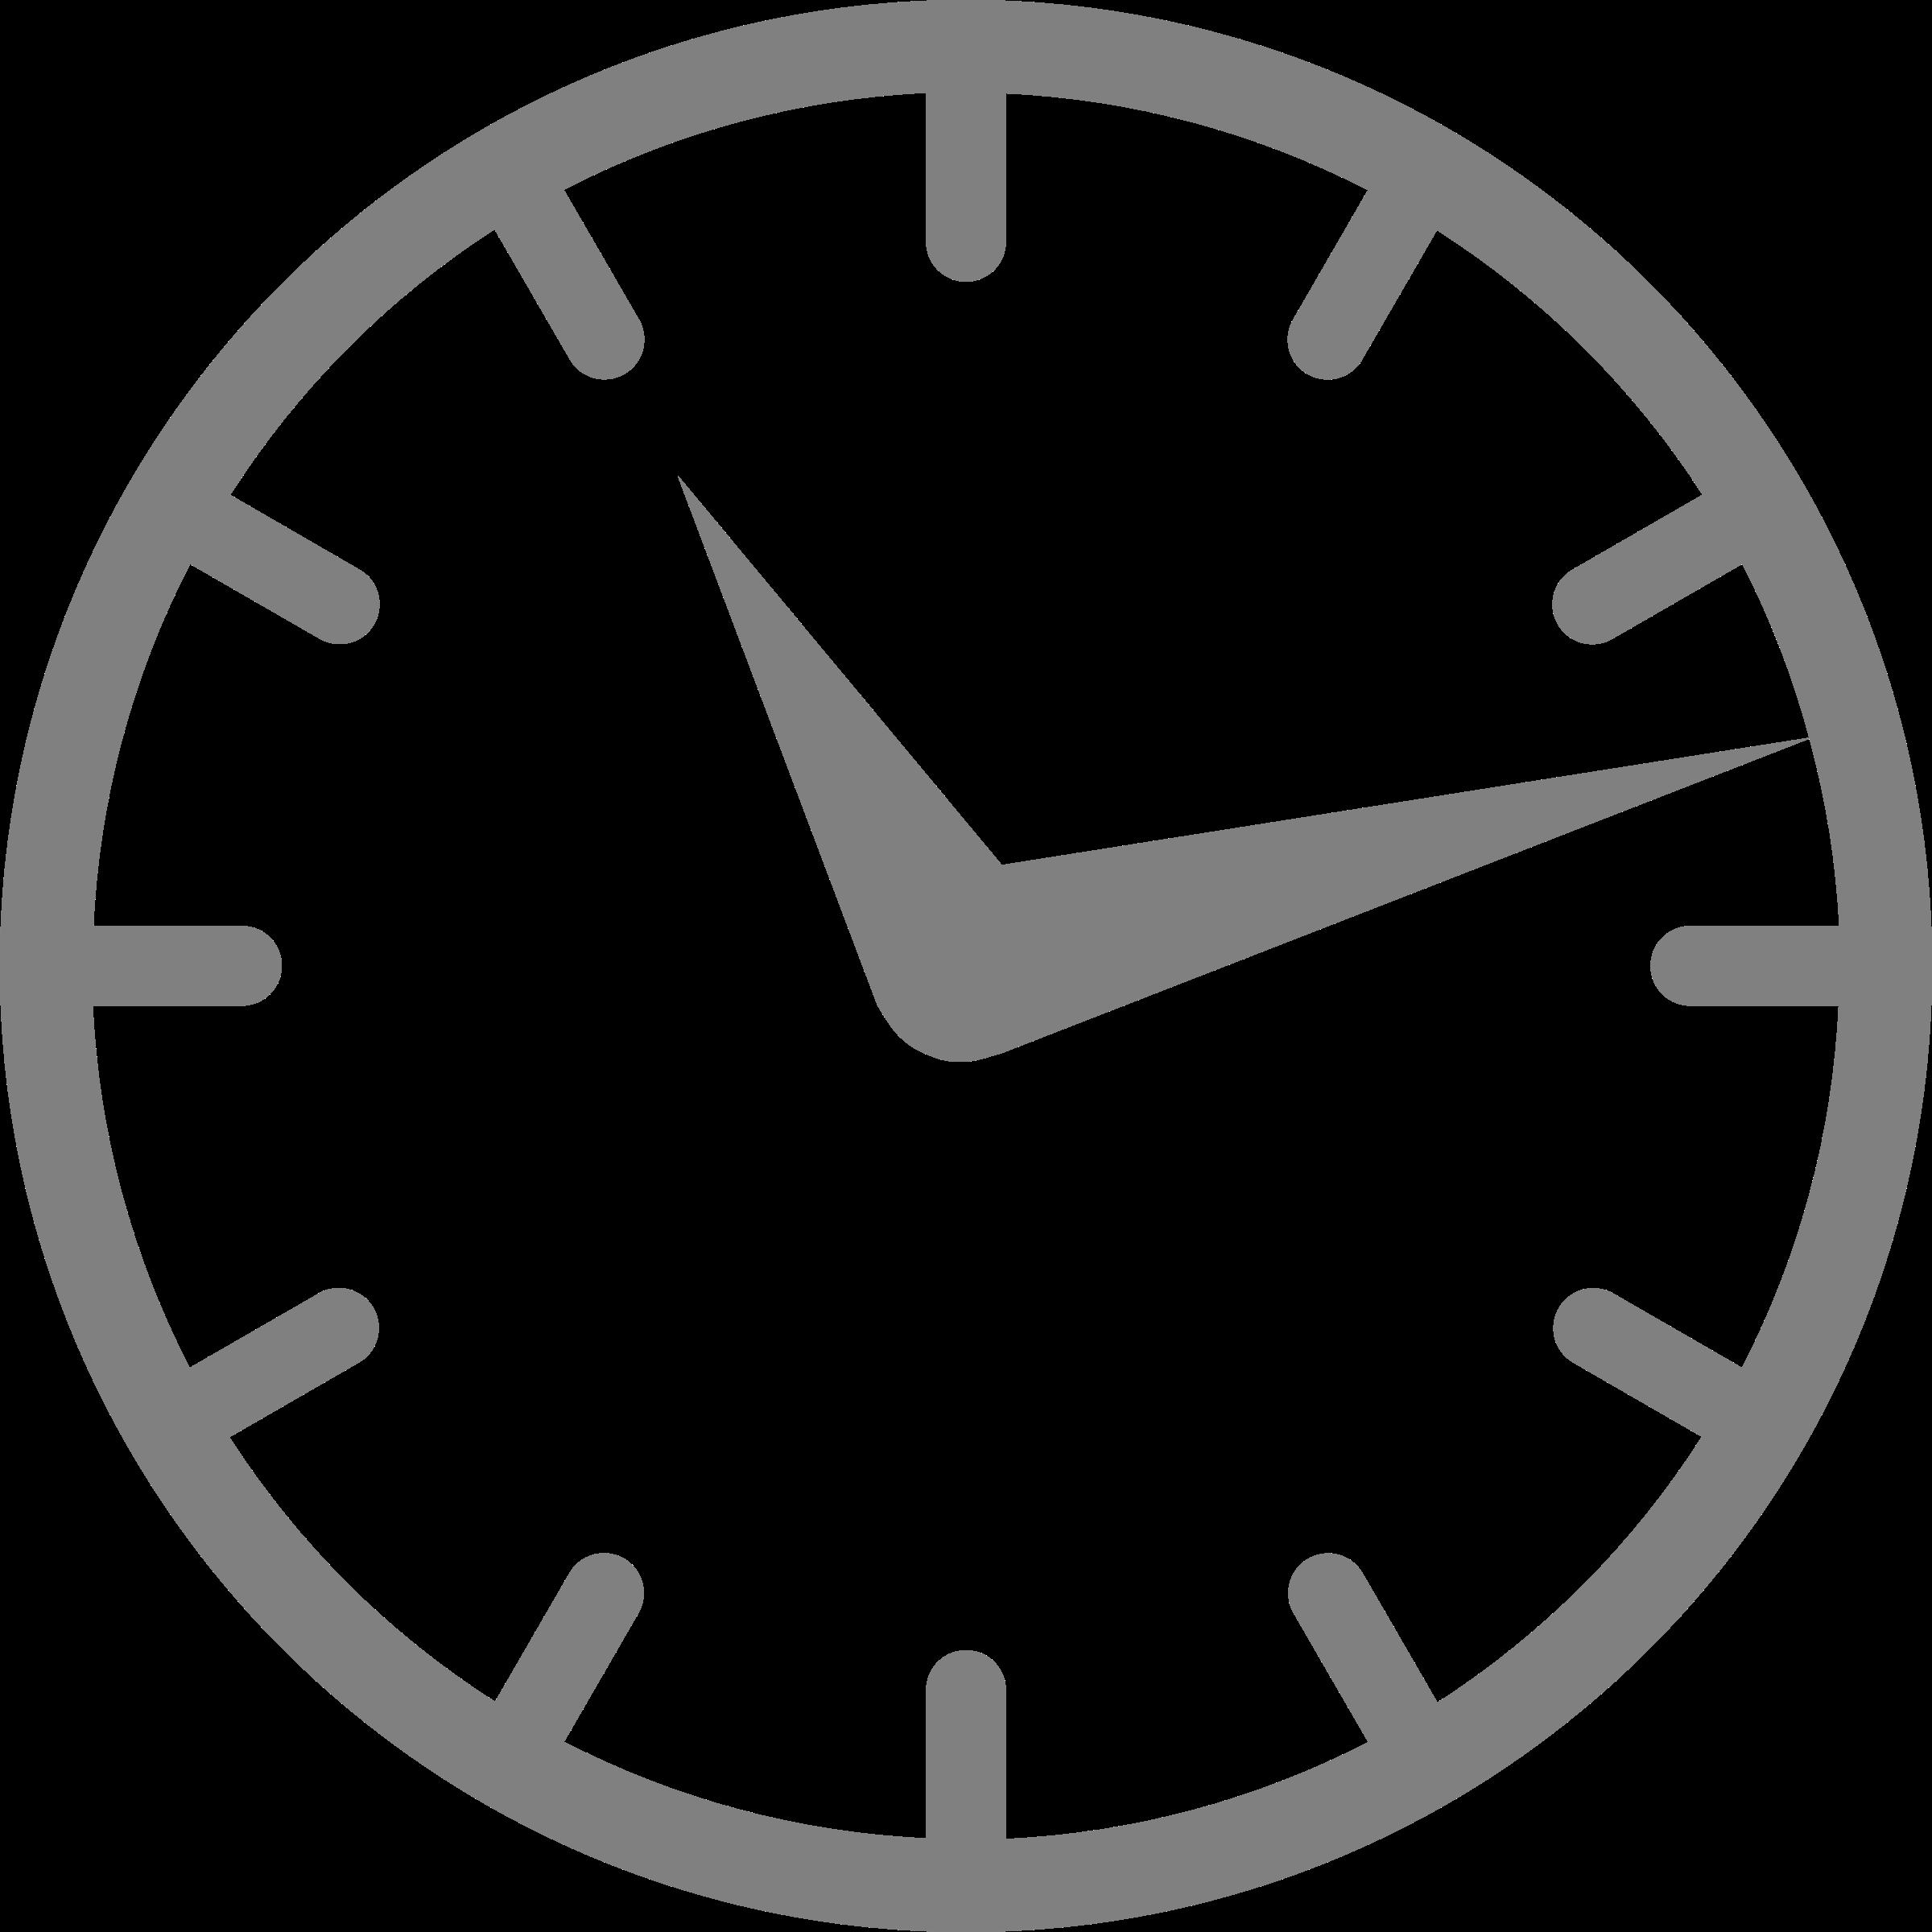 Clock question